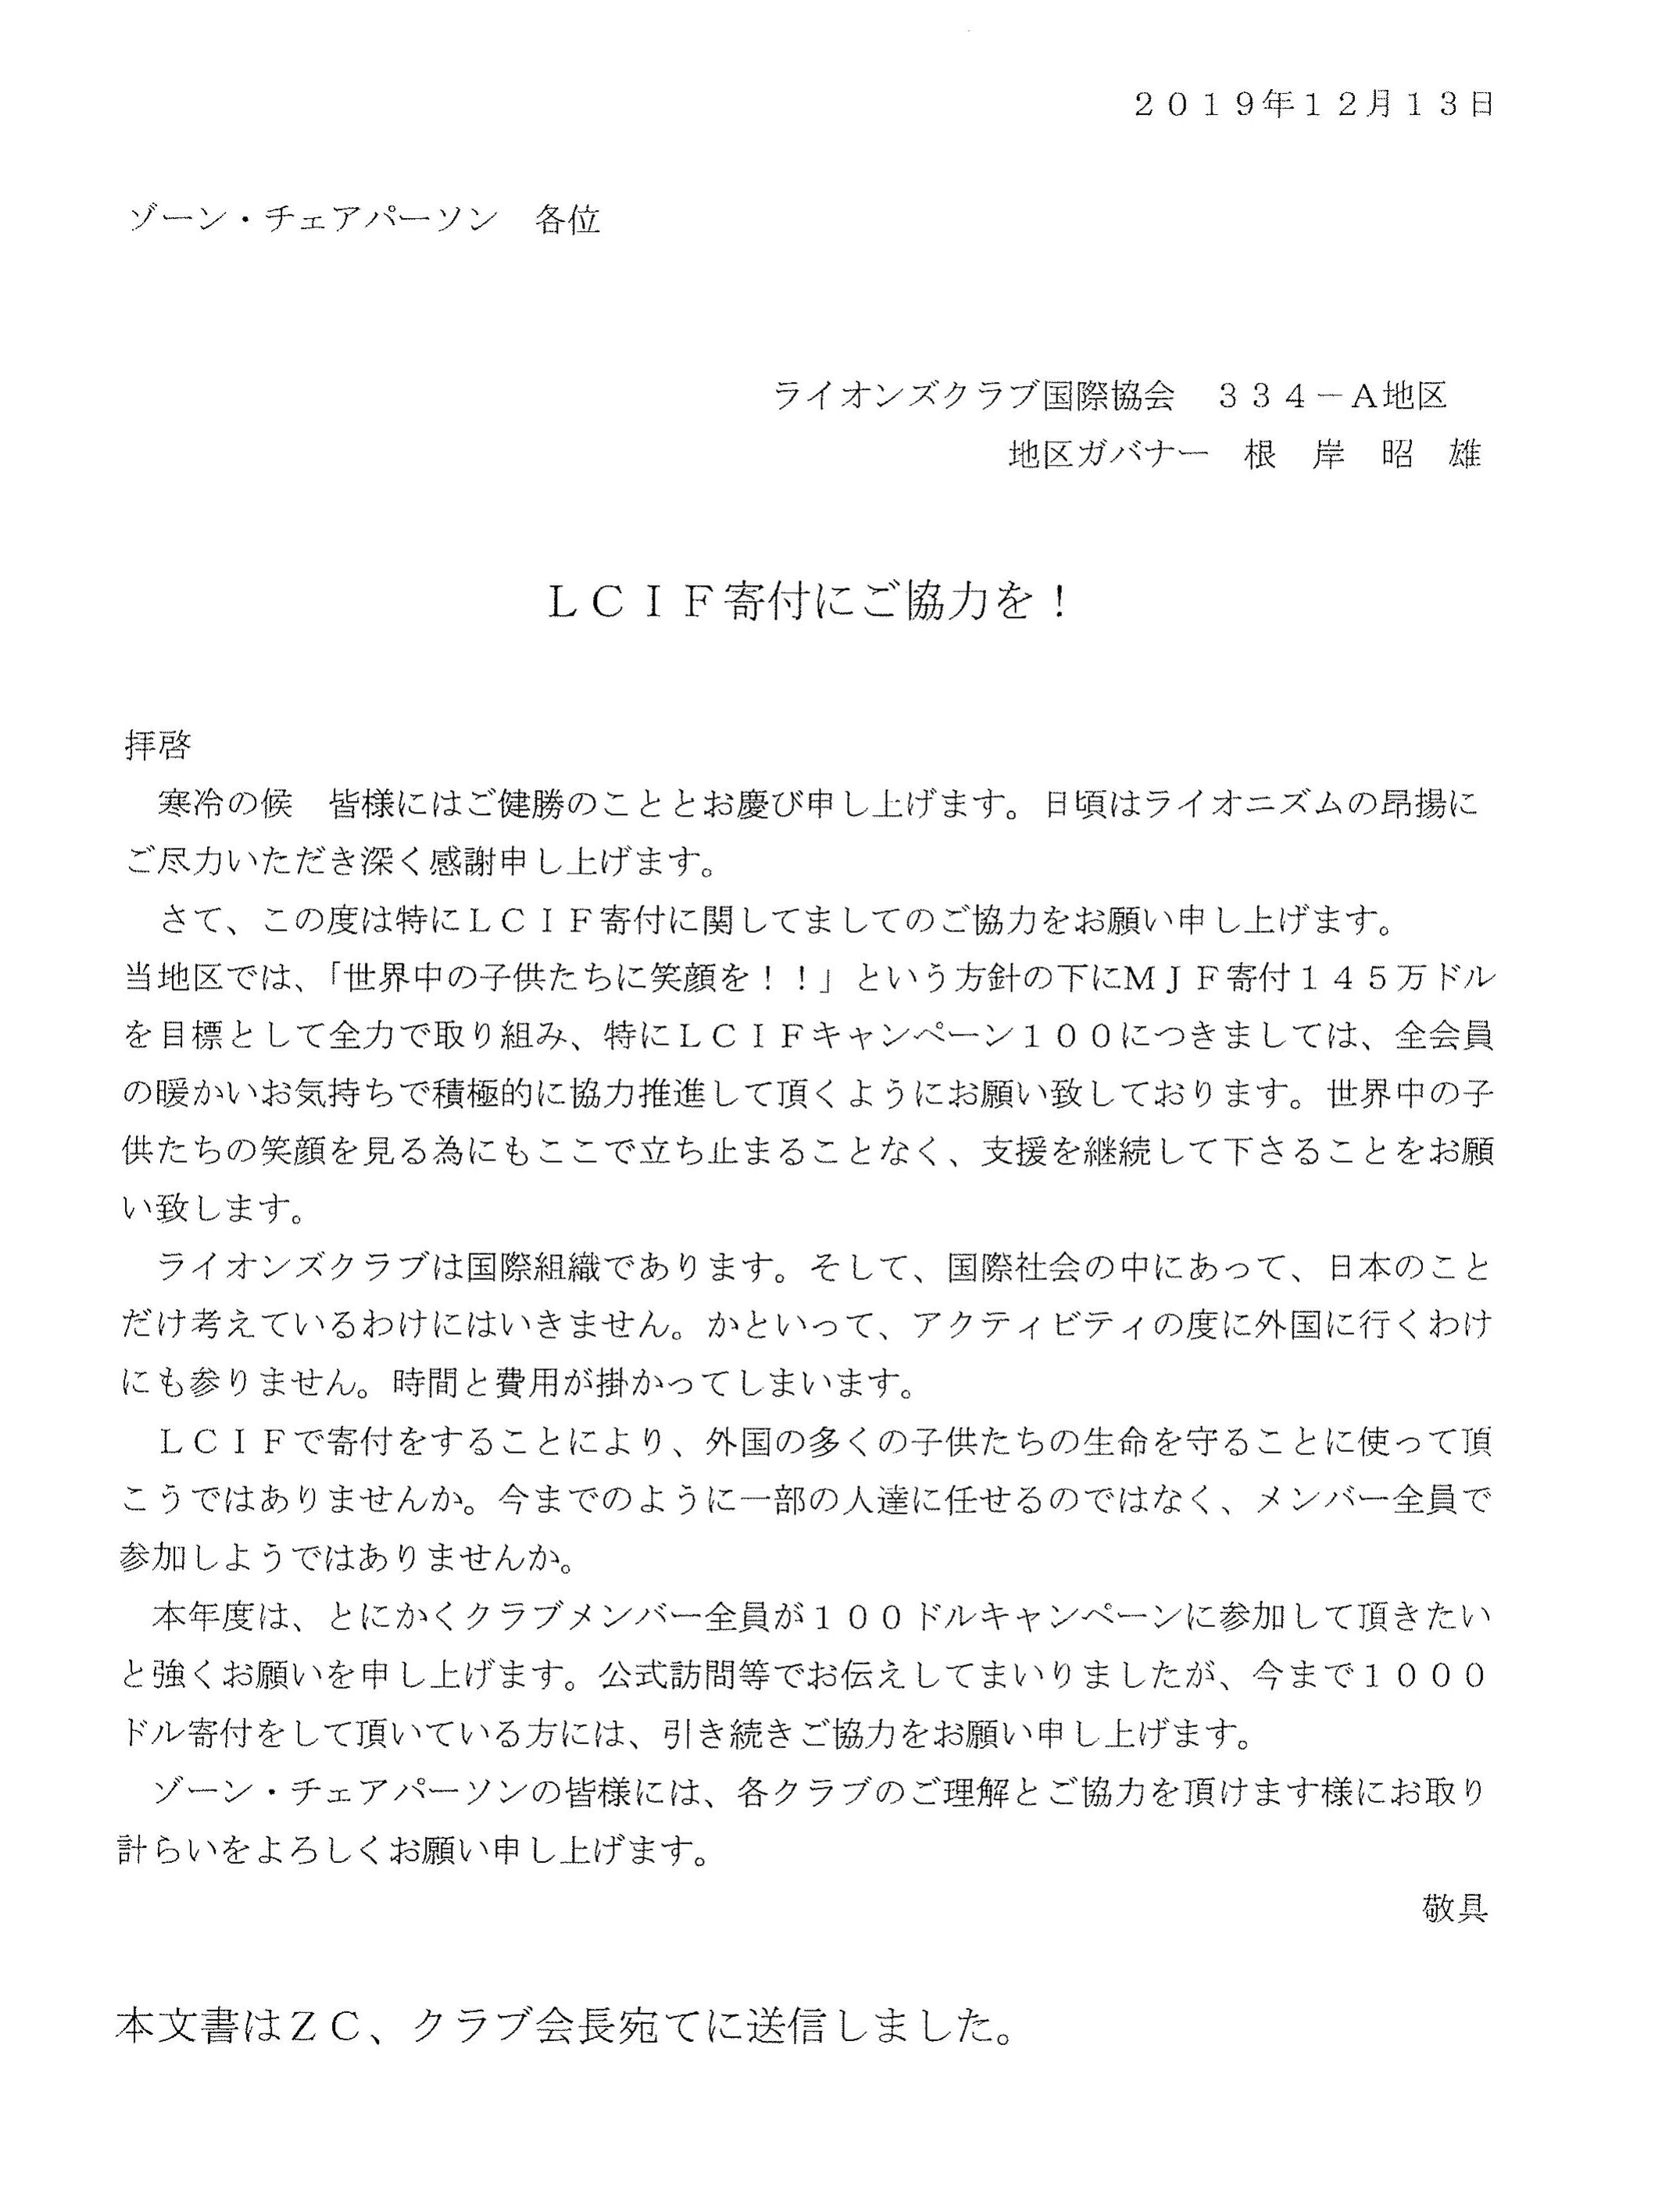 04第3回ゾーン会議 LCIF寄付にご協力を